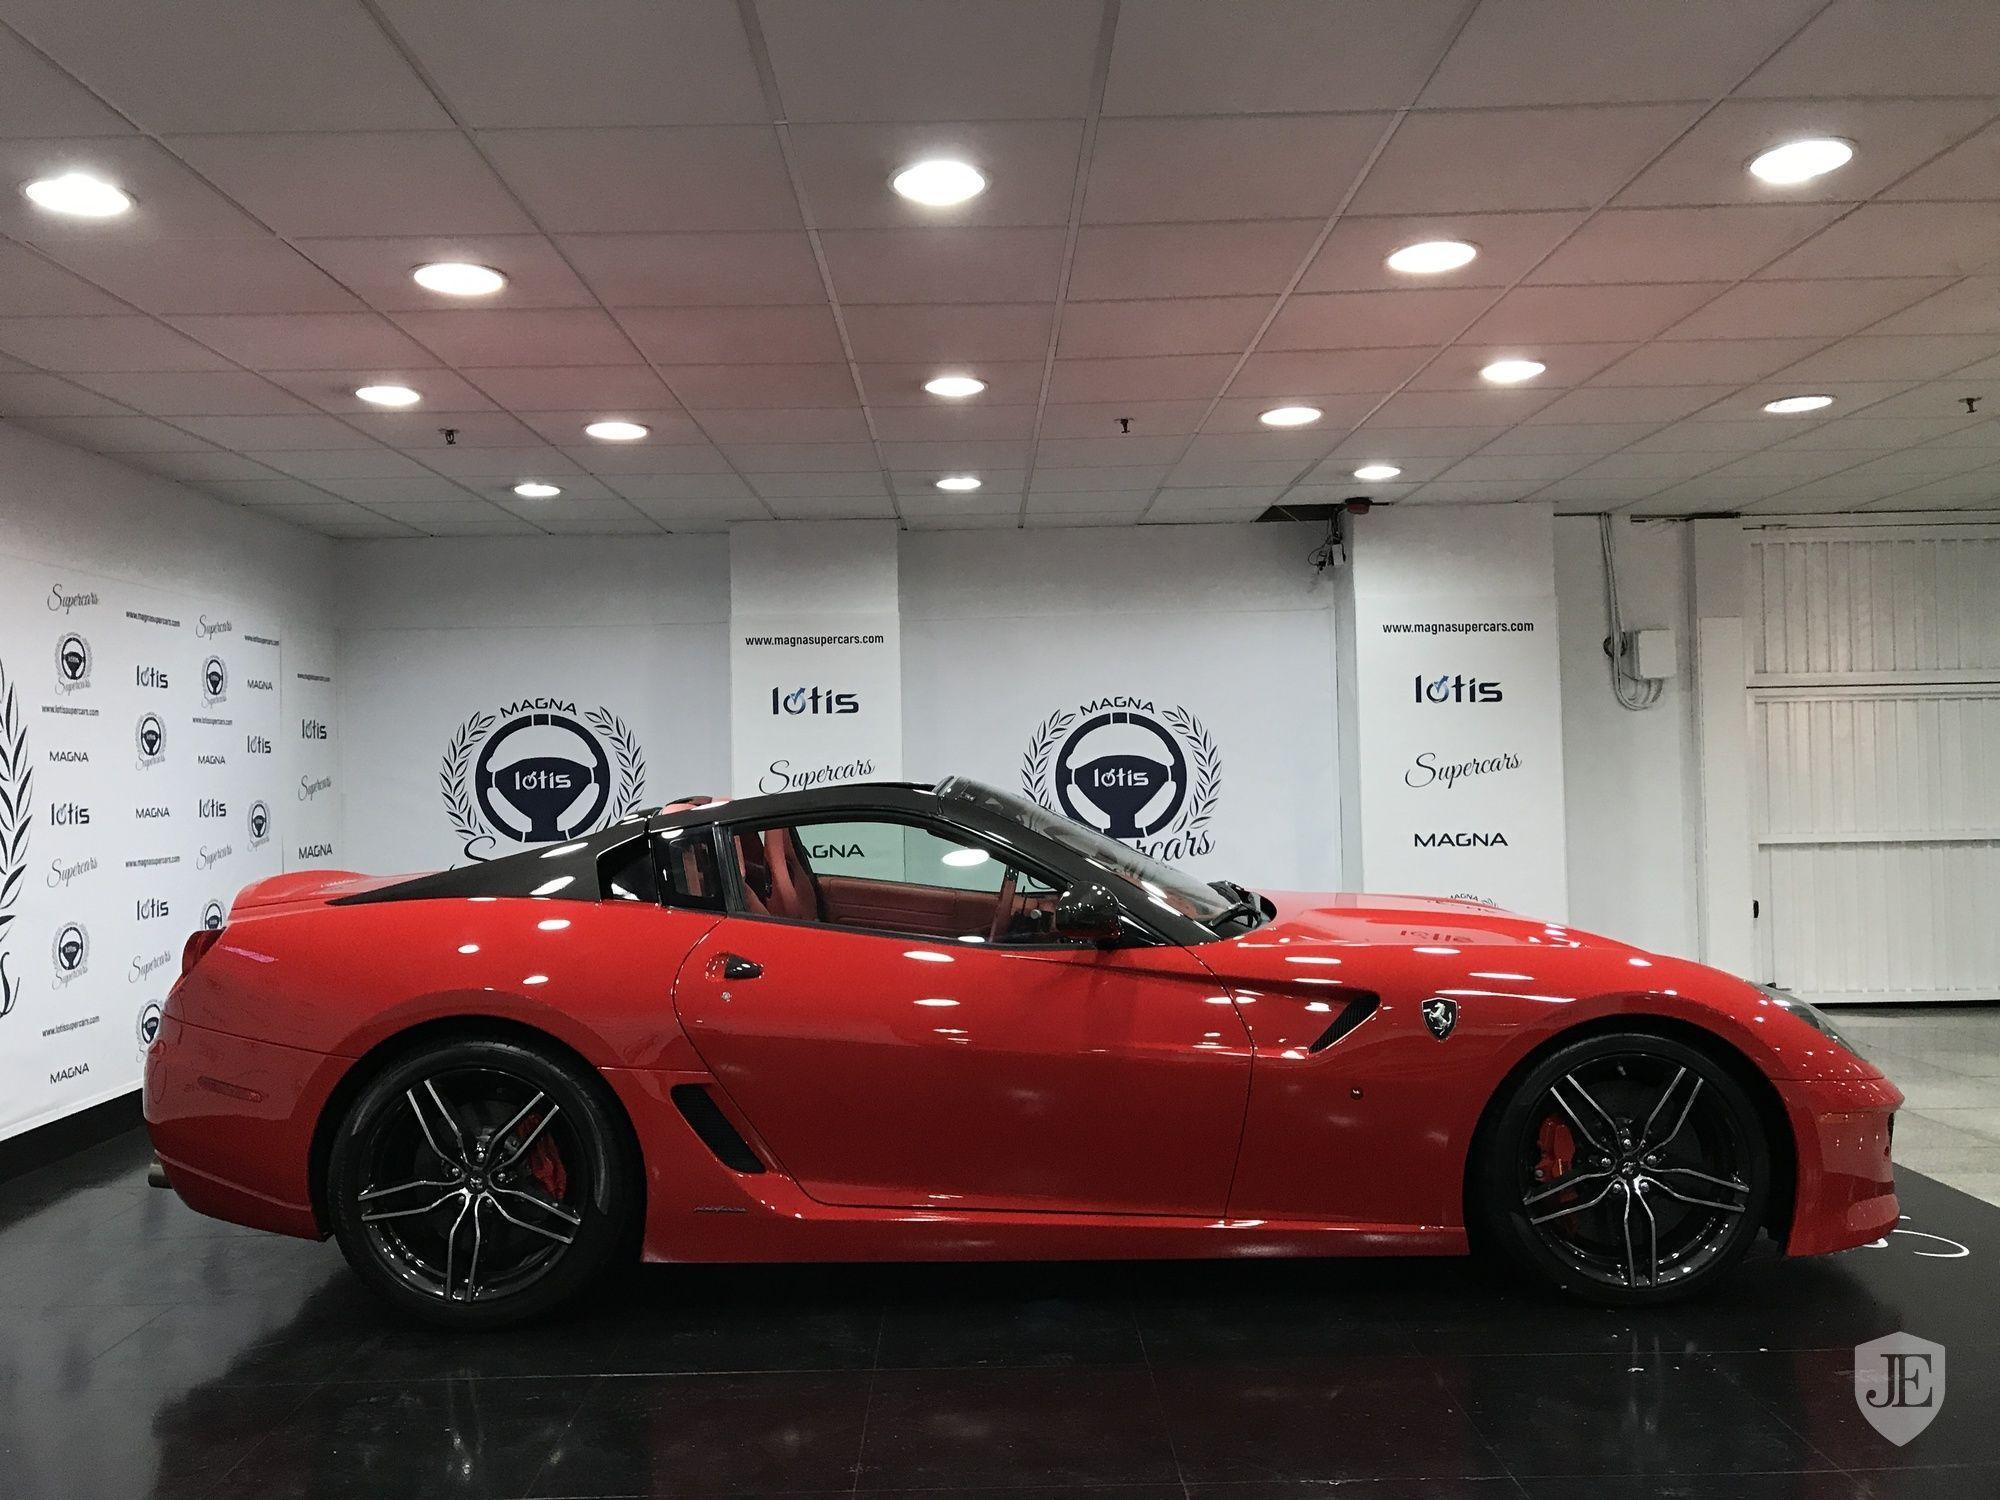 2011 Ferrari 599 Gtb Fiorano In Marbella Spain For Sale On